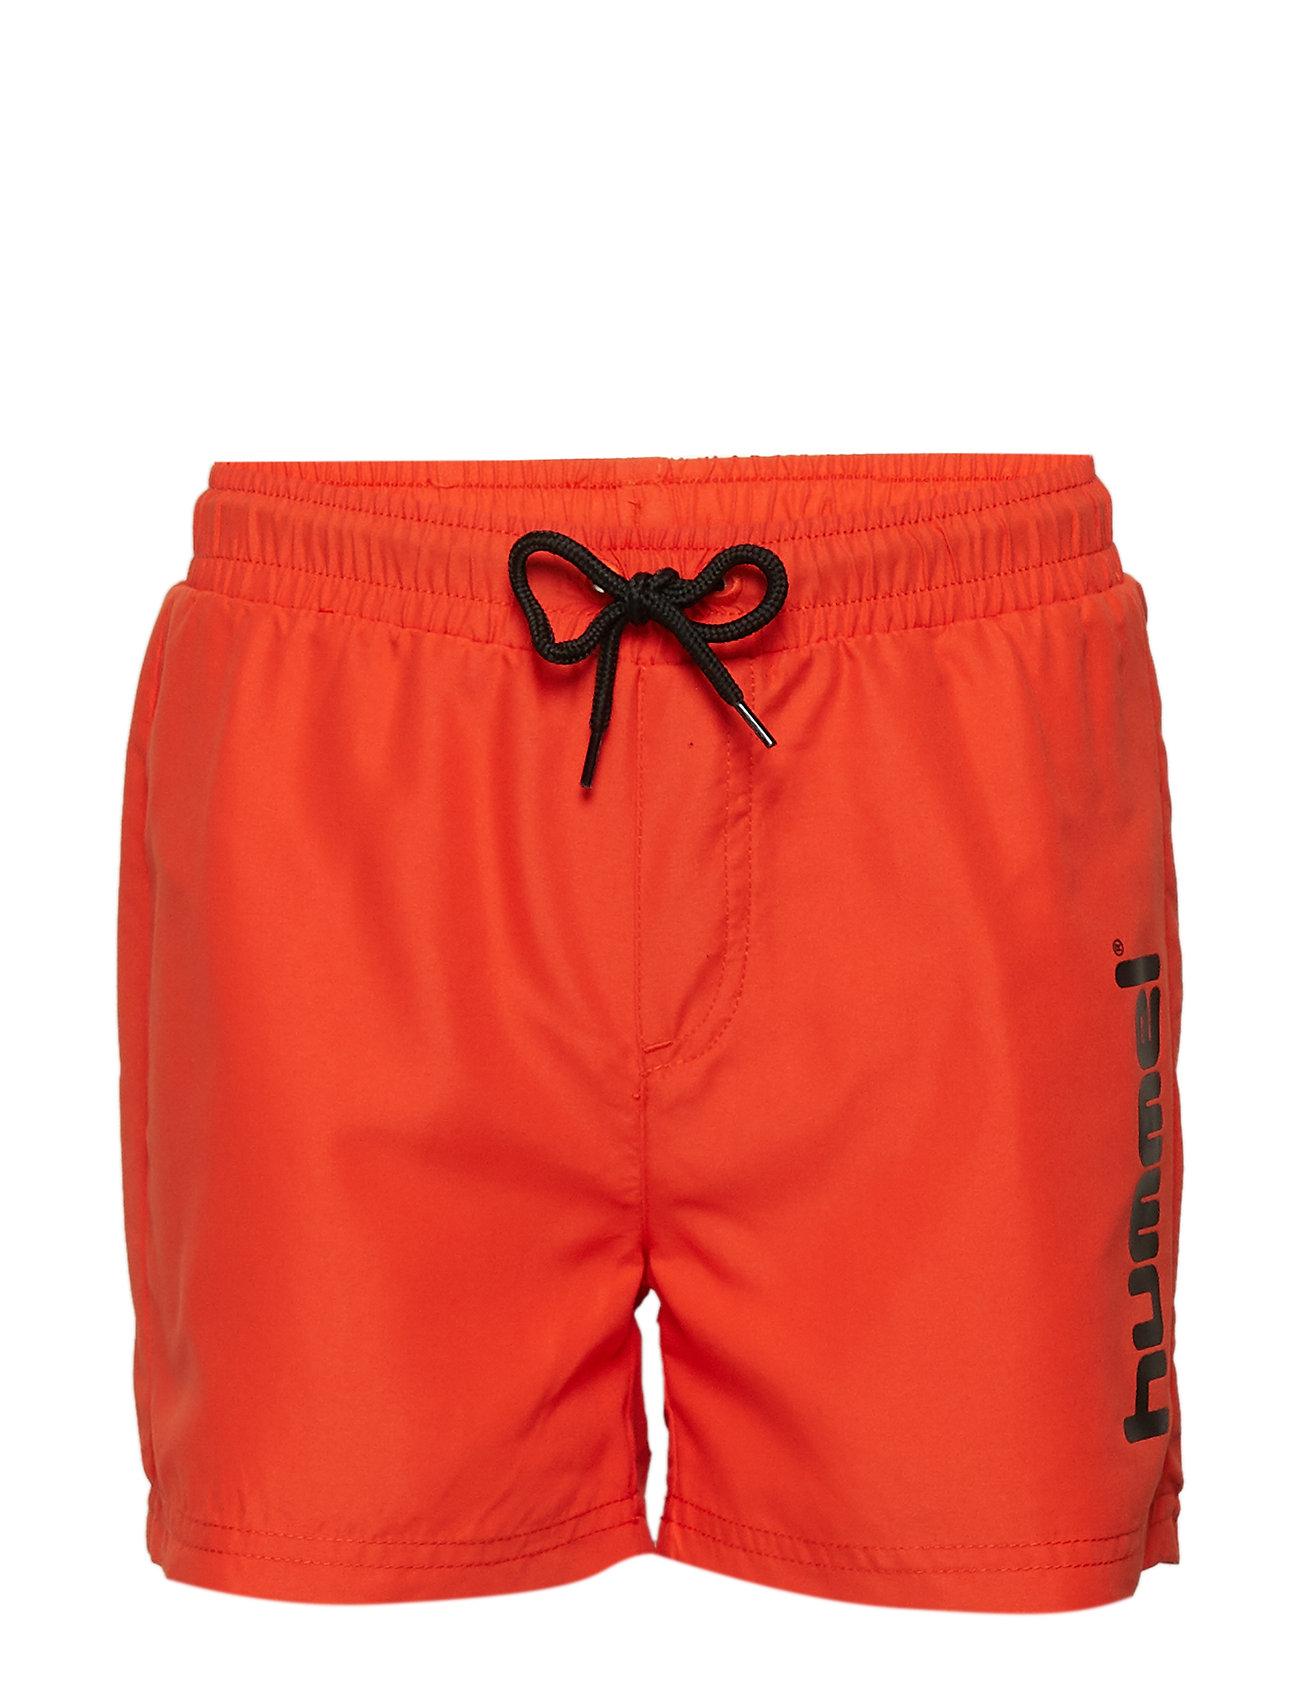 515ea825c311 Hmlbay Board Shorts badeshorts fra Hummel til børn i Sort - Pashion.dk